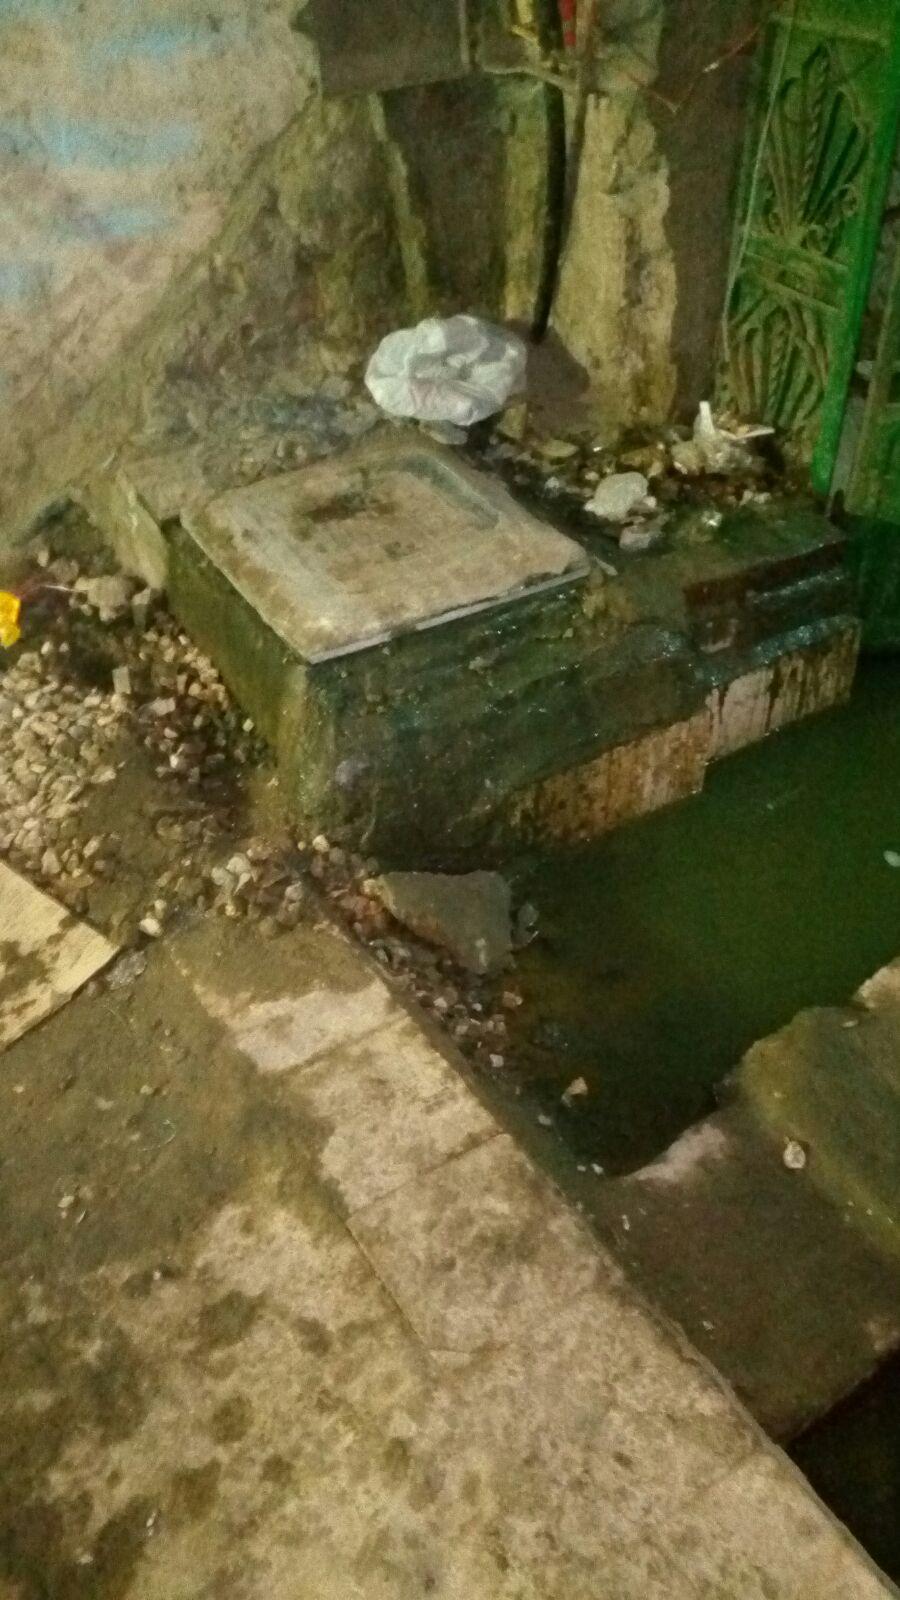 5 أيام مياه مقطوعة و5 طفح مجاري.. معاناة مواطني المرج خارج اهتمامات مسؤولي الحي